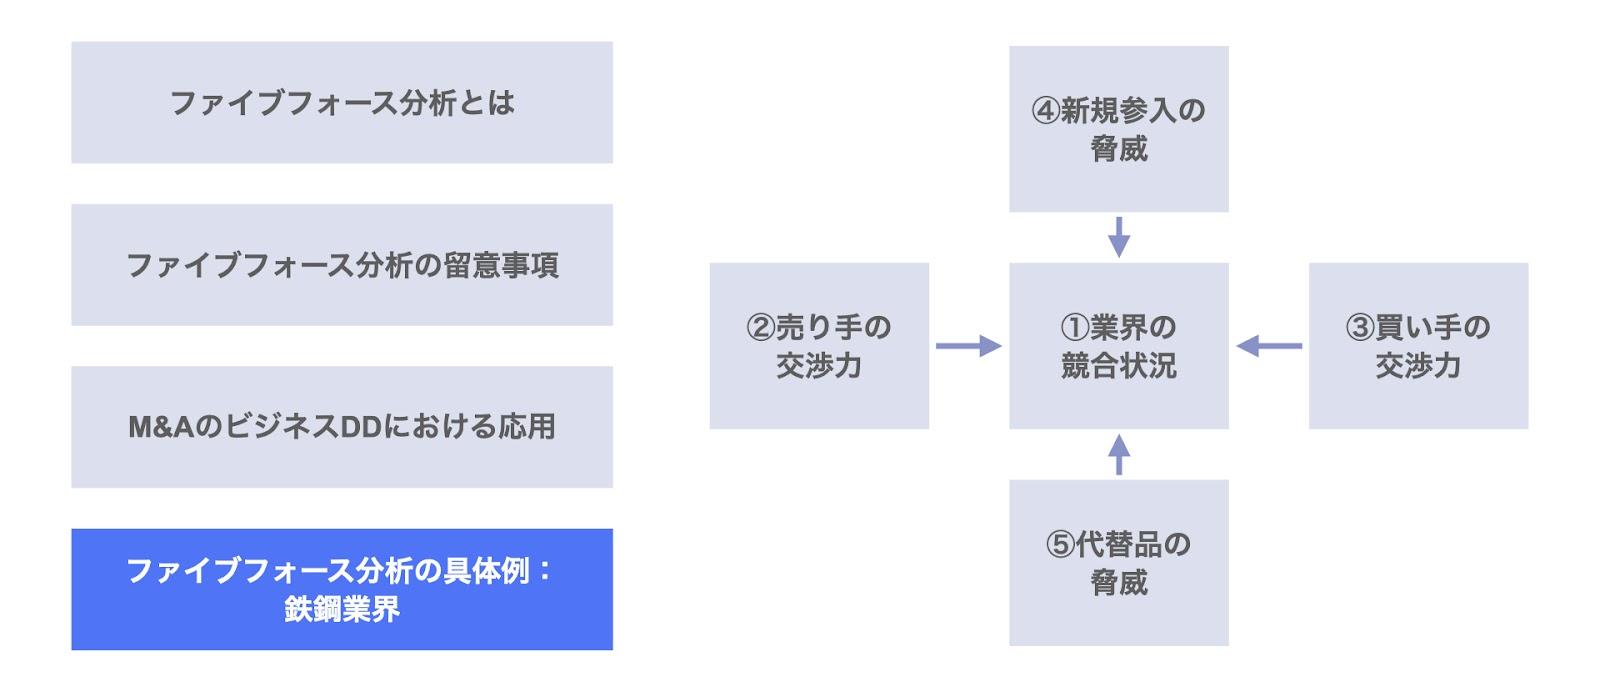 ファイブフォース分析の具体例:鉄鋼業界